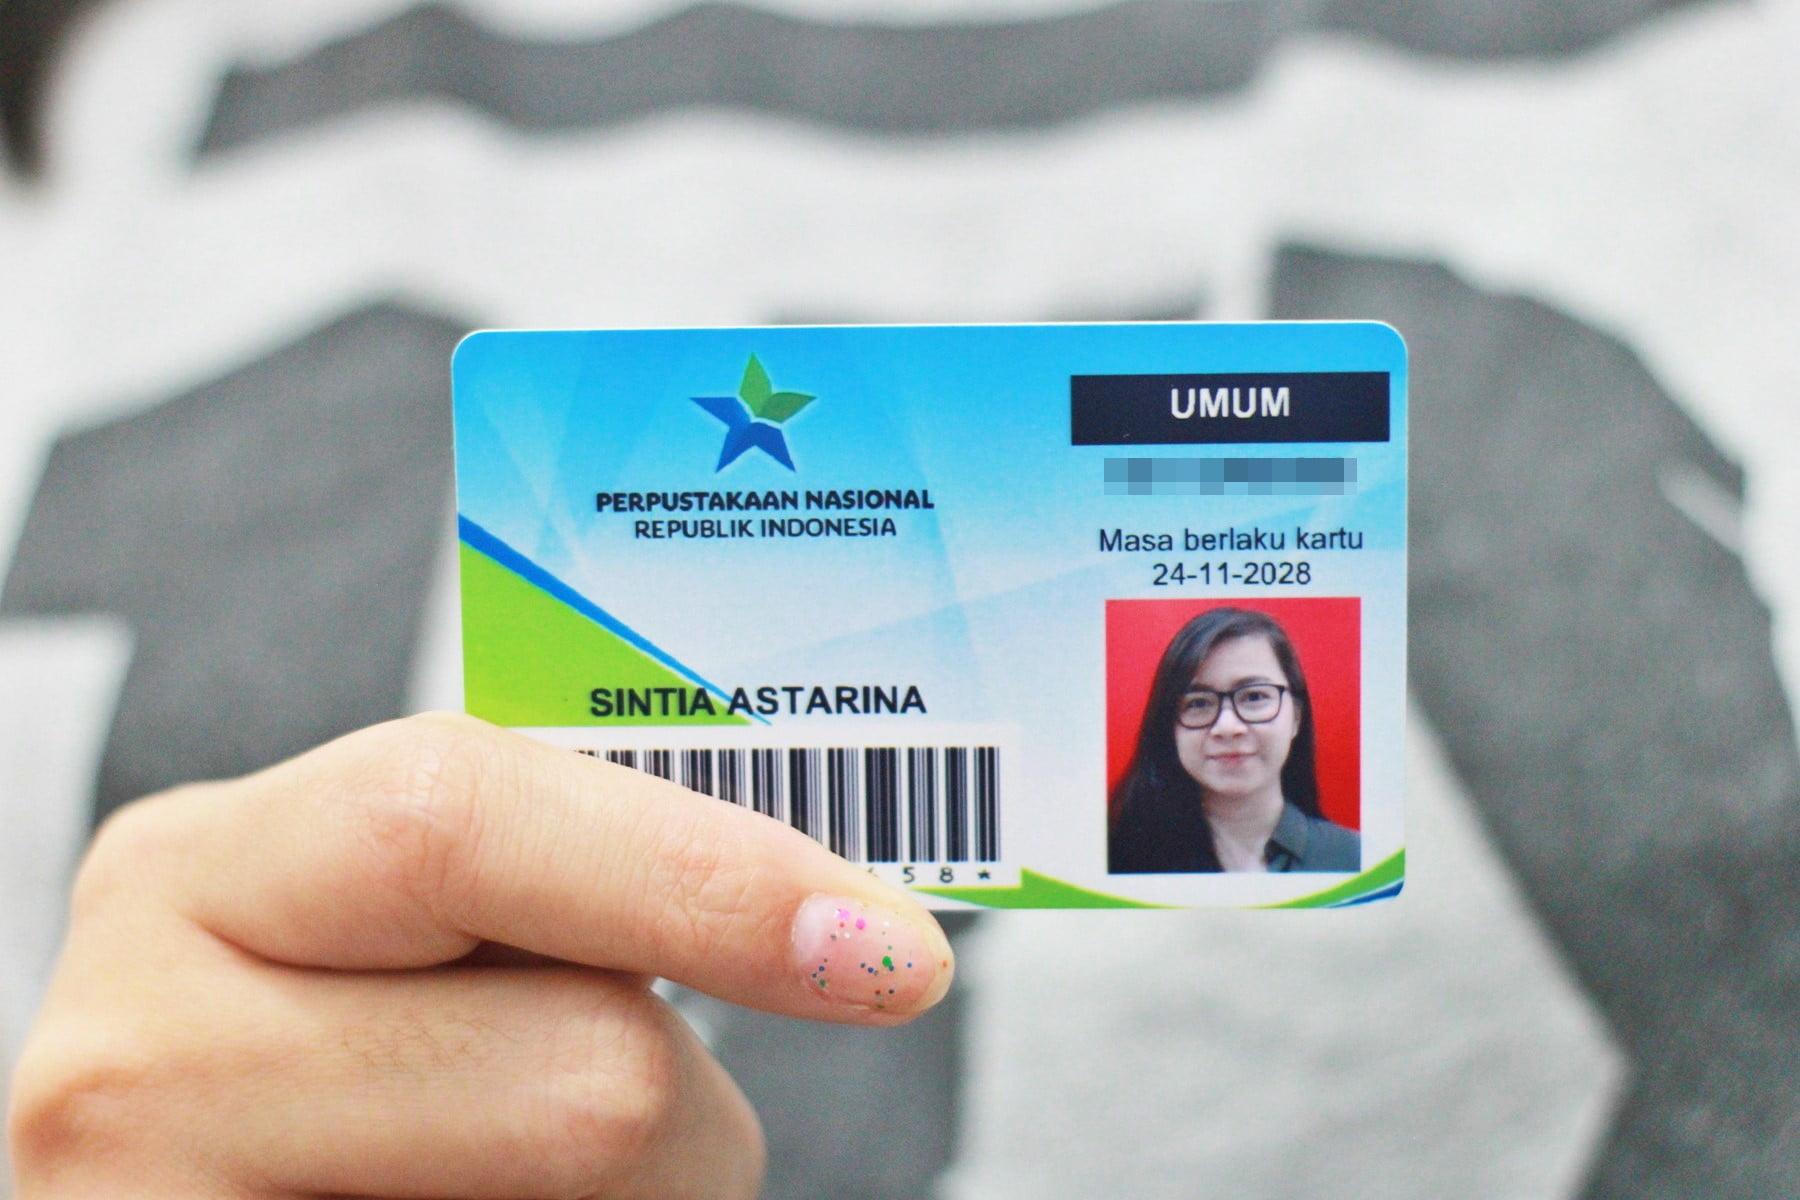 Panduan Membuat Kartu Anggota Perpustakaan Nasional Republik Indonesia